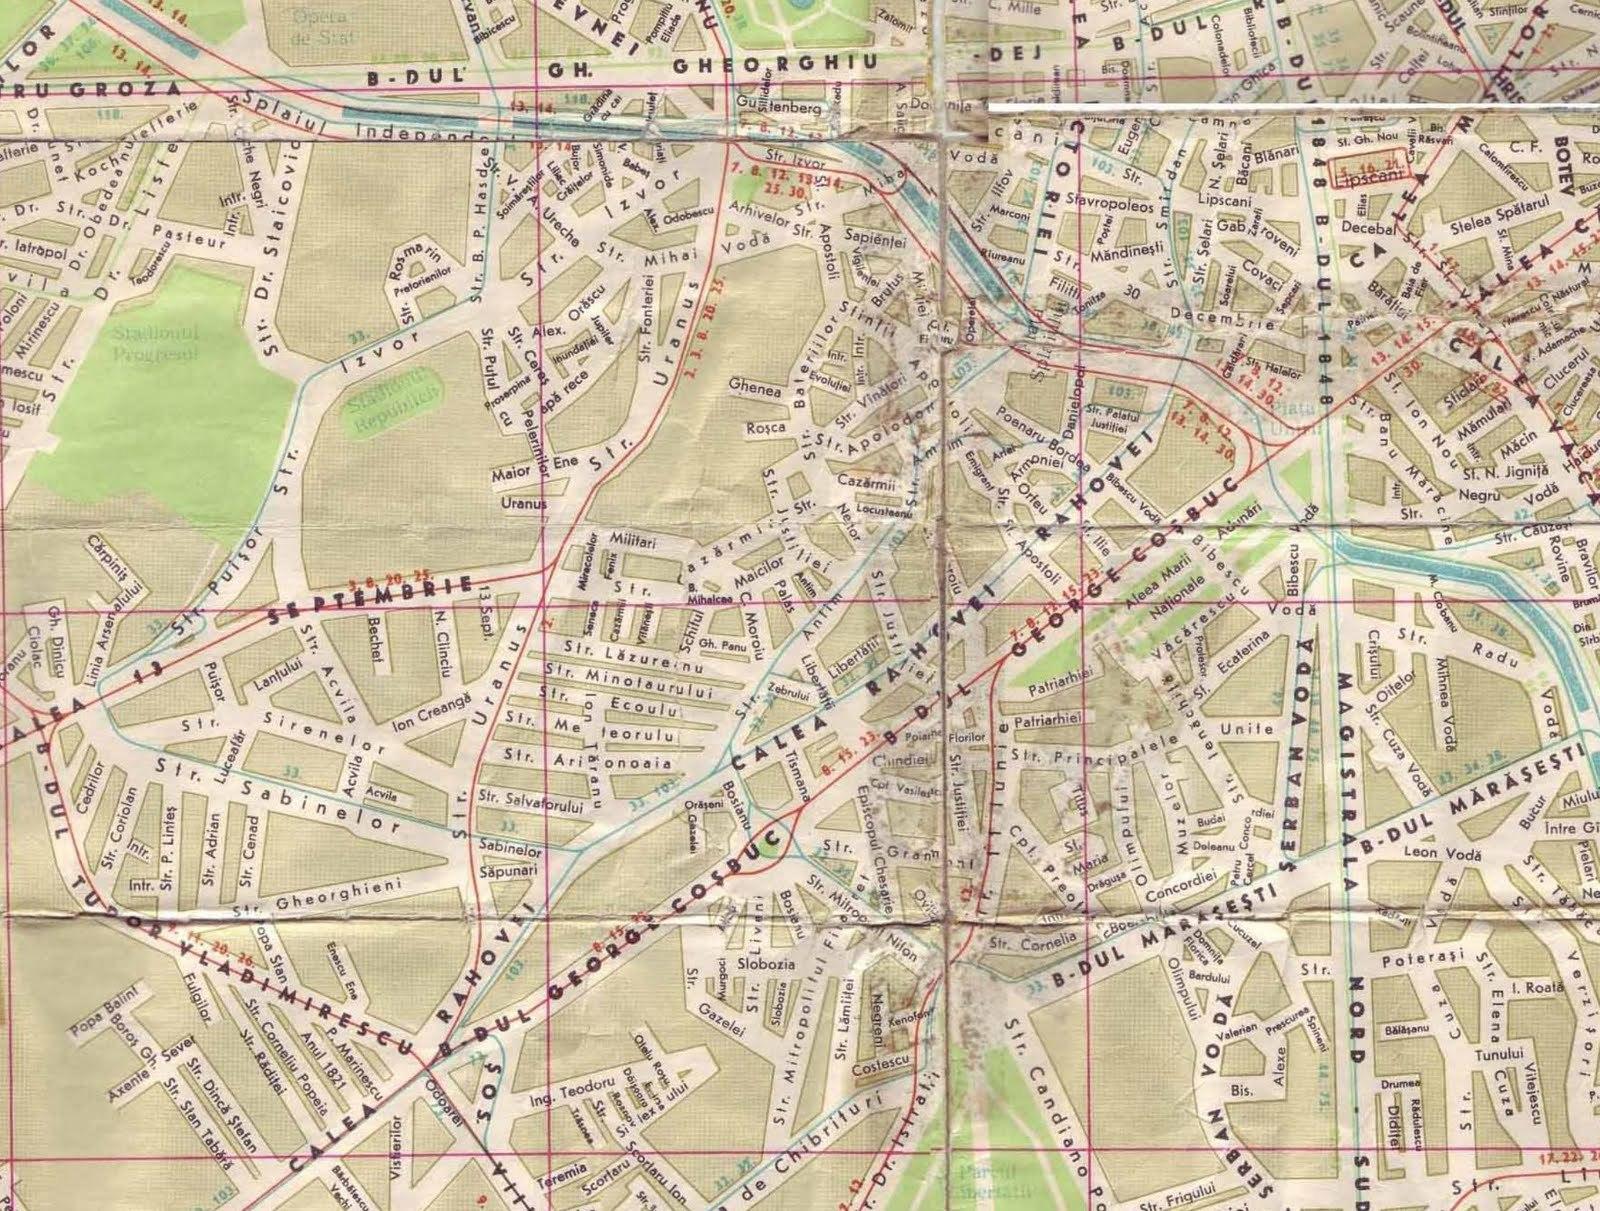 Harta cartierului Uranus în anii 1970